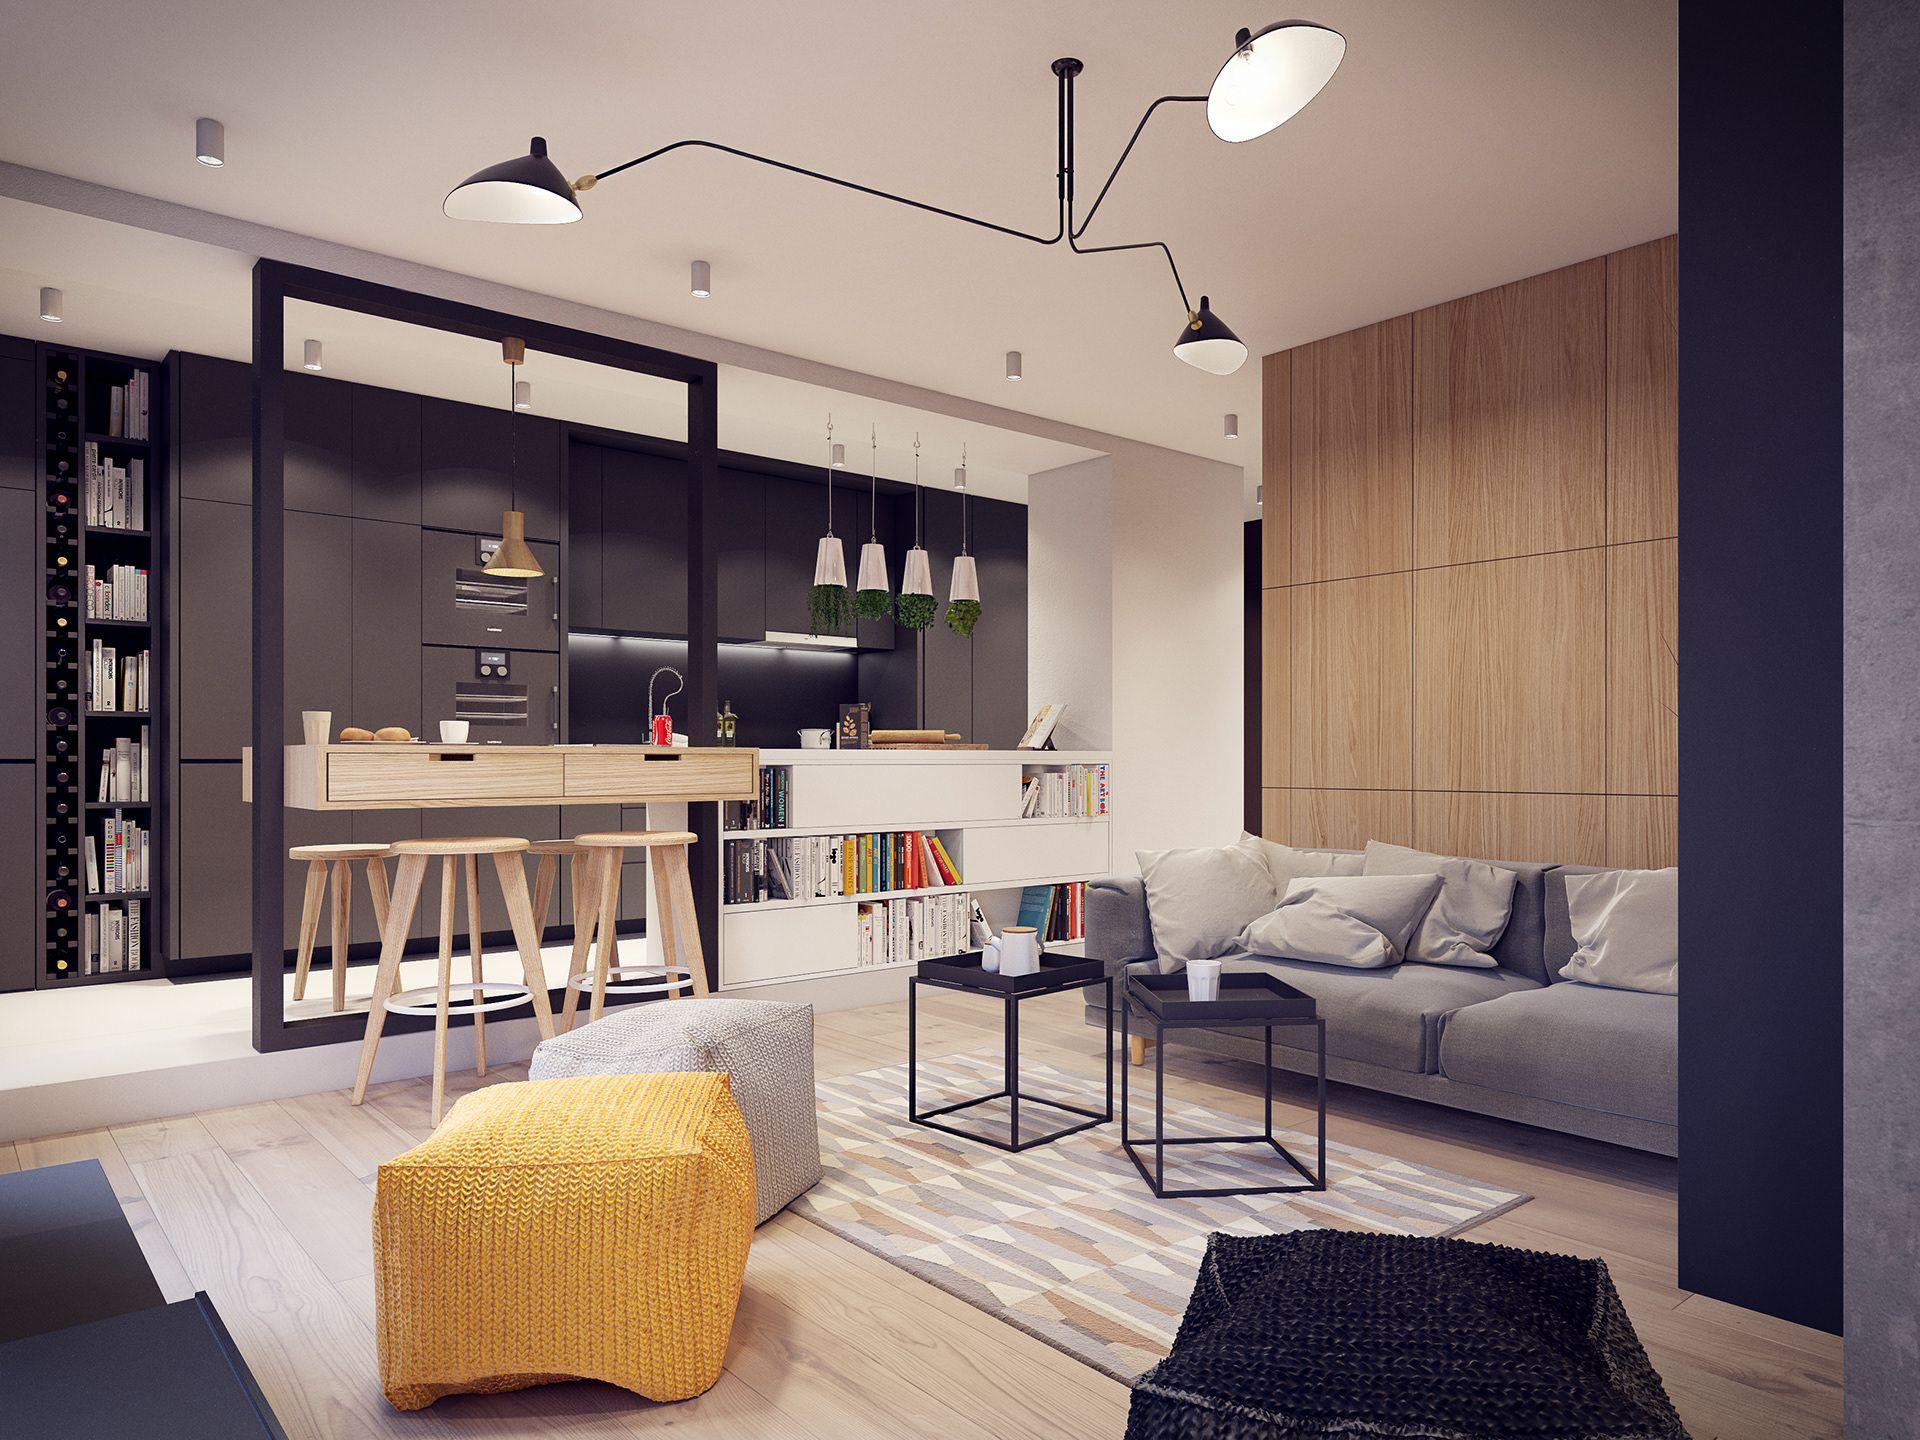 Wohnküche, Idee, PLASTERLINA | Otta | Pinterest | Apartment interior ...